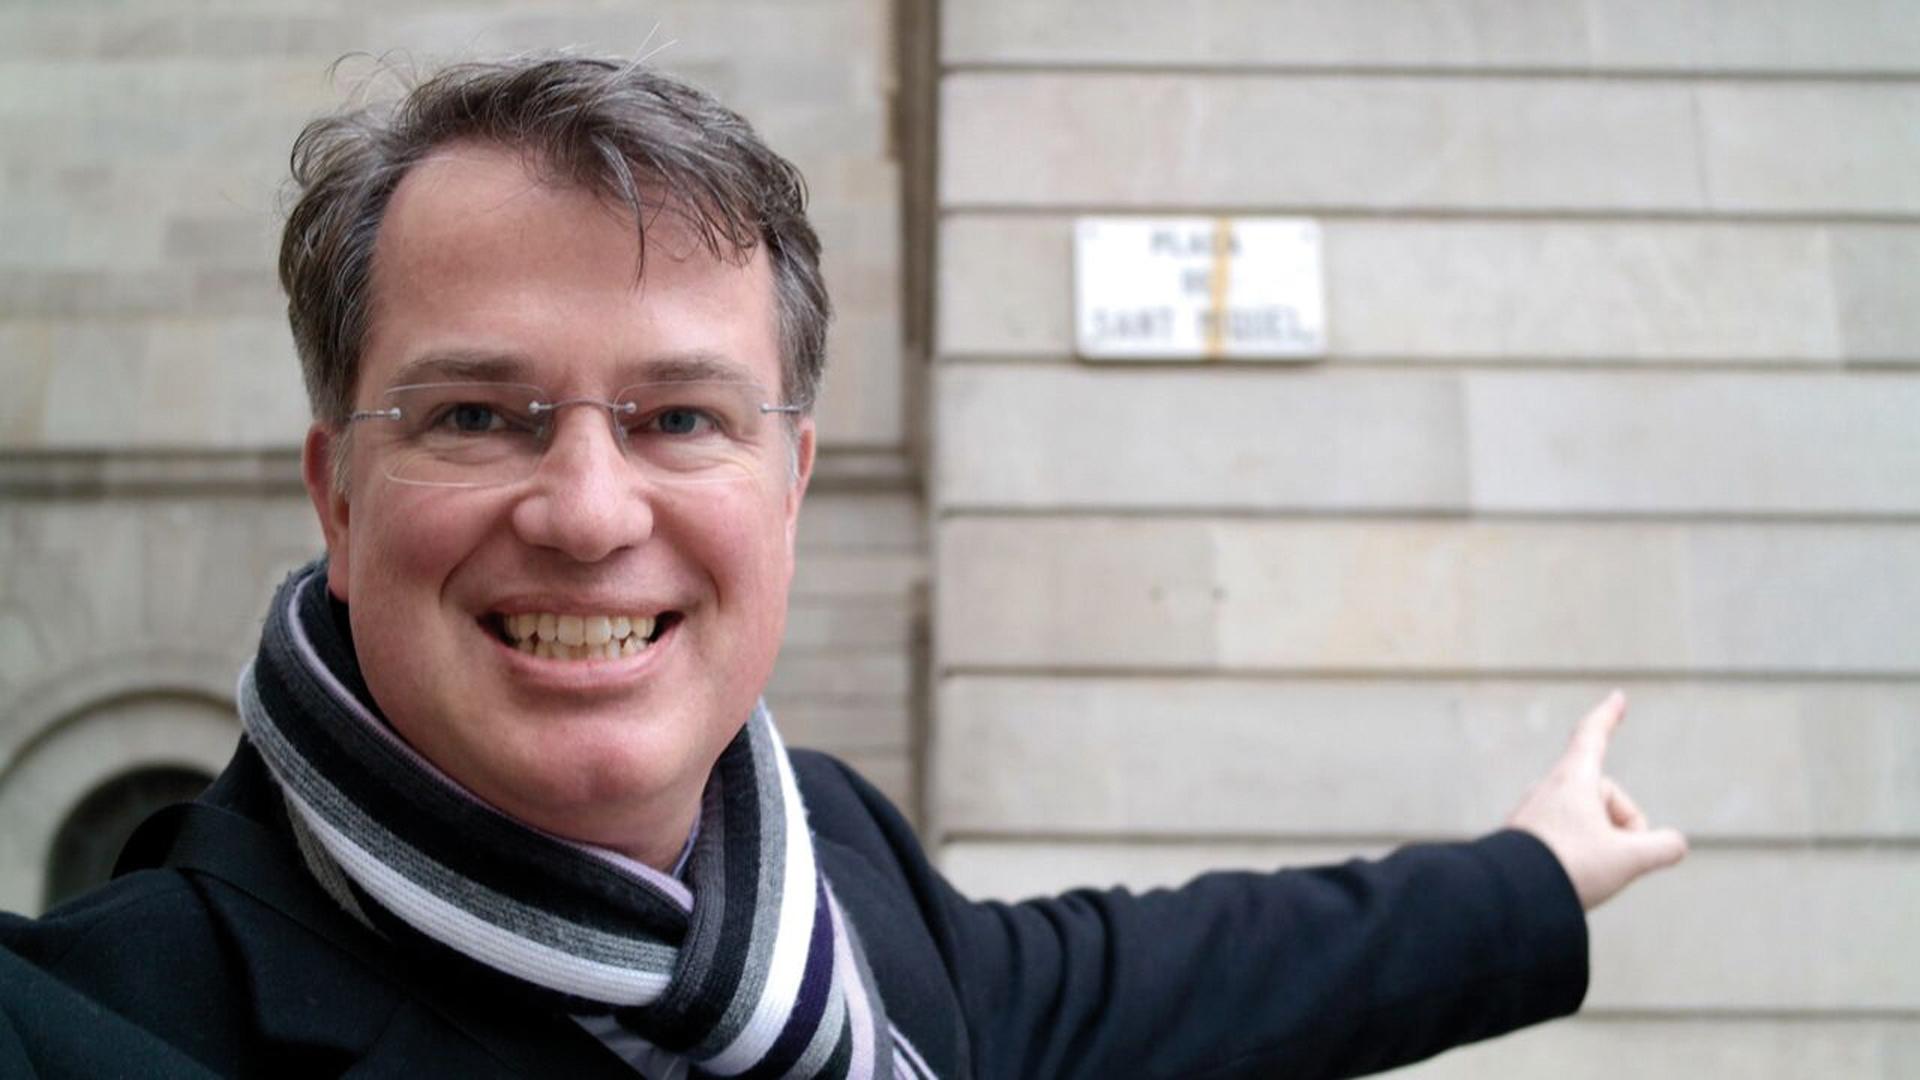 Michael Voß ist Redakteur bei MDR Aktuell. Privat betreibt er die Seite quellencheck.de. Dort gibt er Hinweise, wie Mediennutzer die Quellen und Glaubwürdigkeit von Beiträgen untersuchen können. Er lebt in Halle/Saale und gehört einer Pfingstgemeinde an.